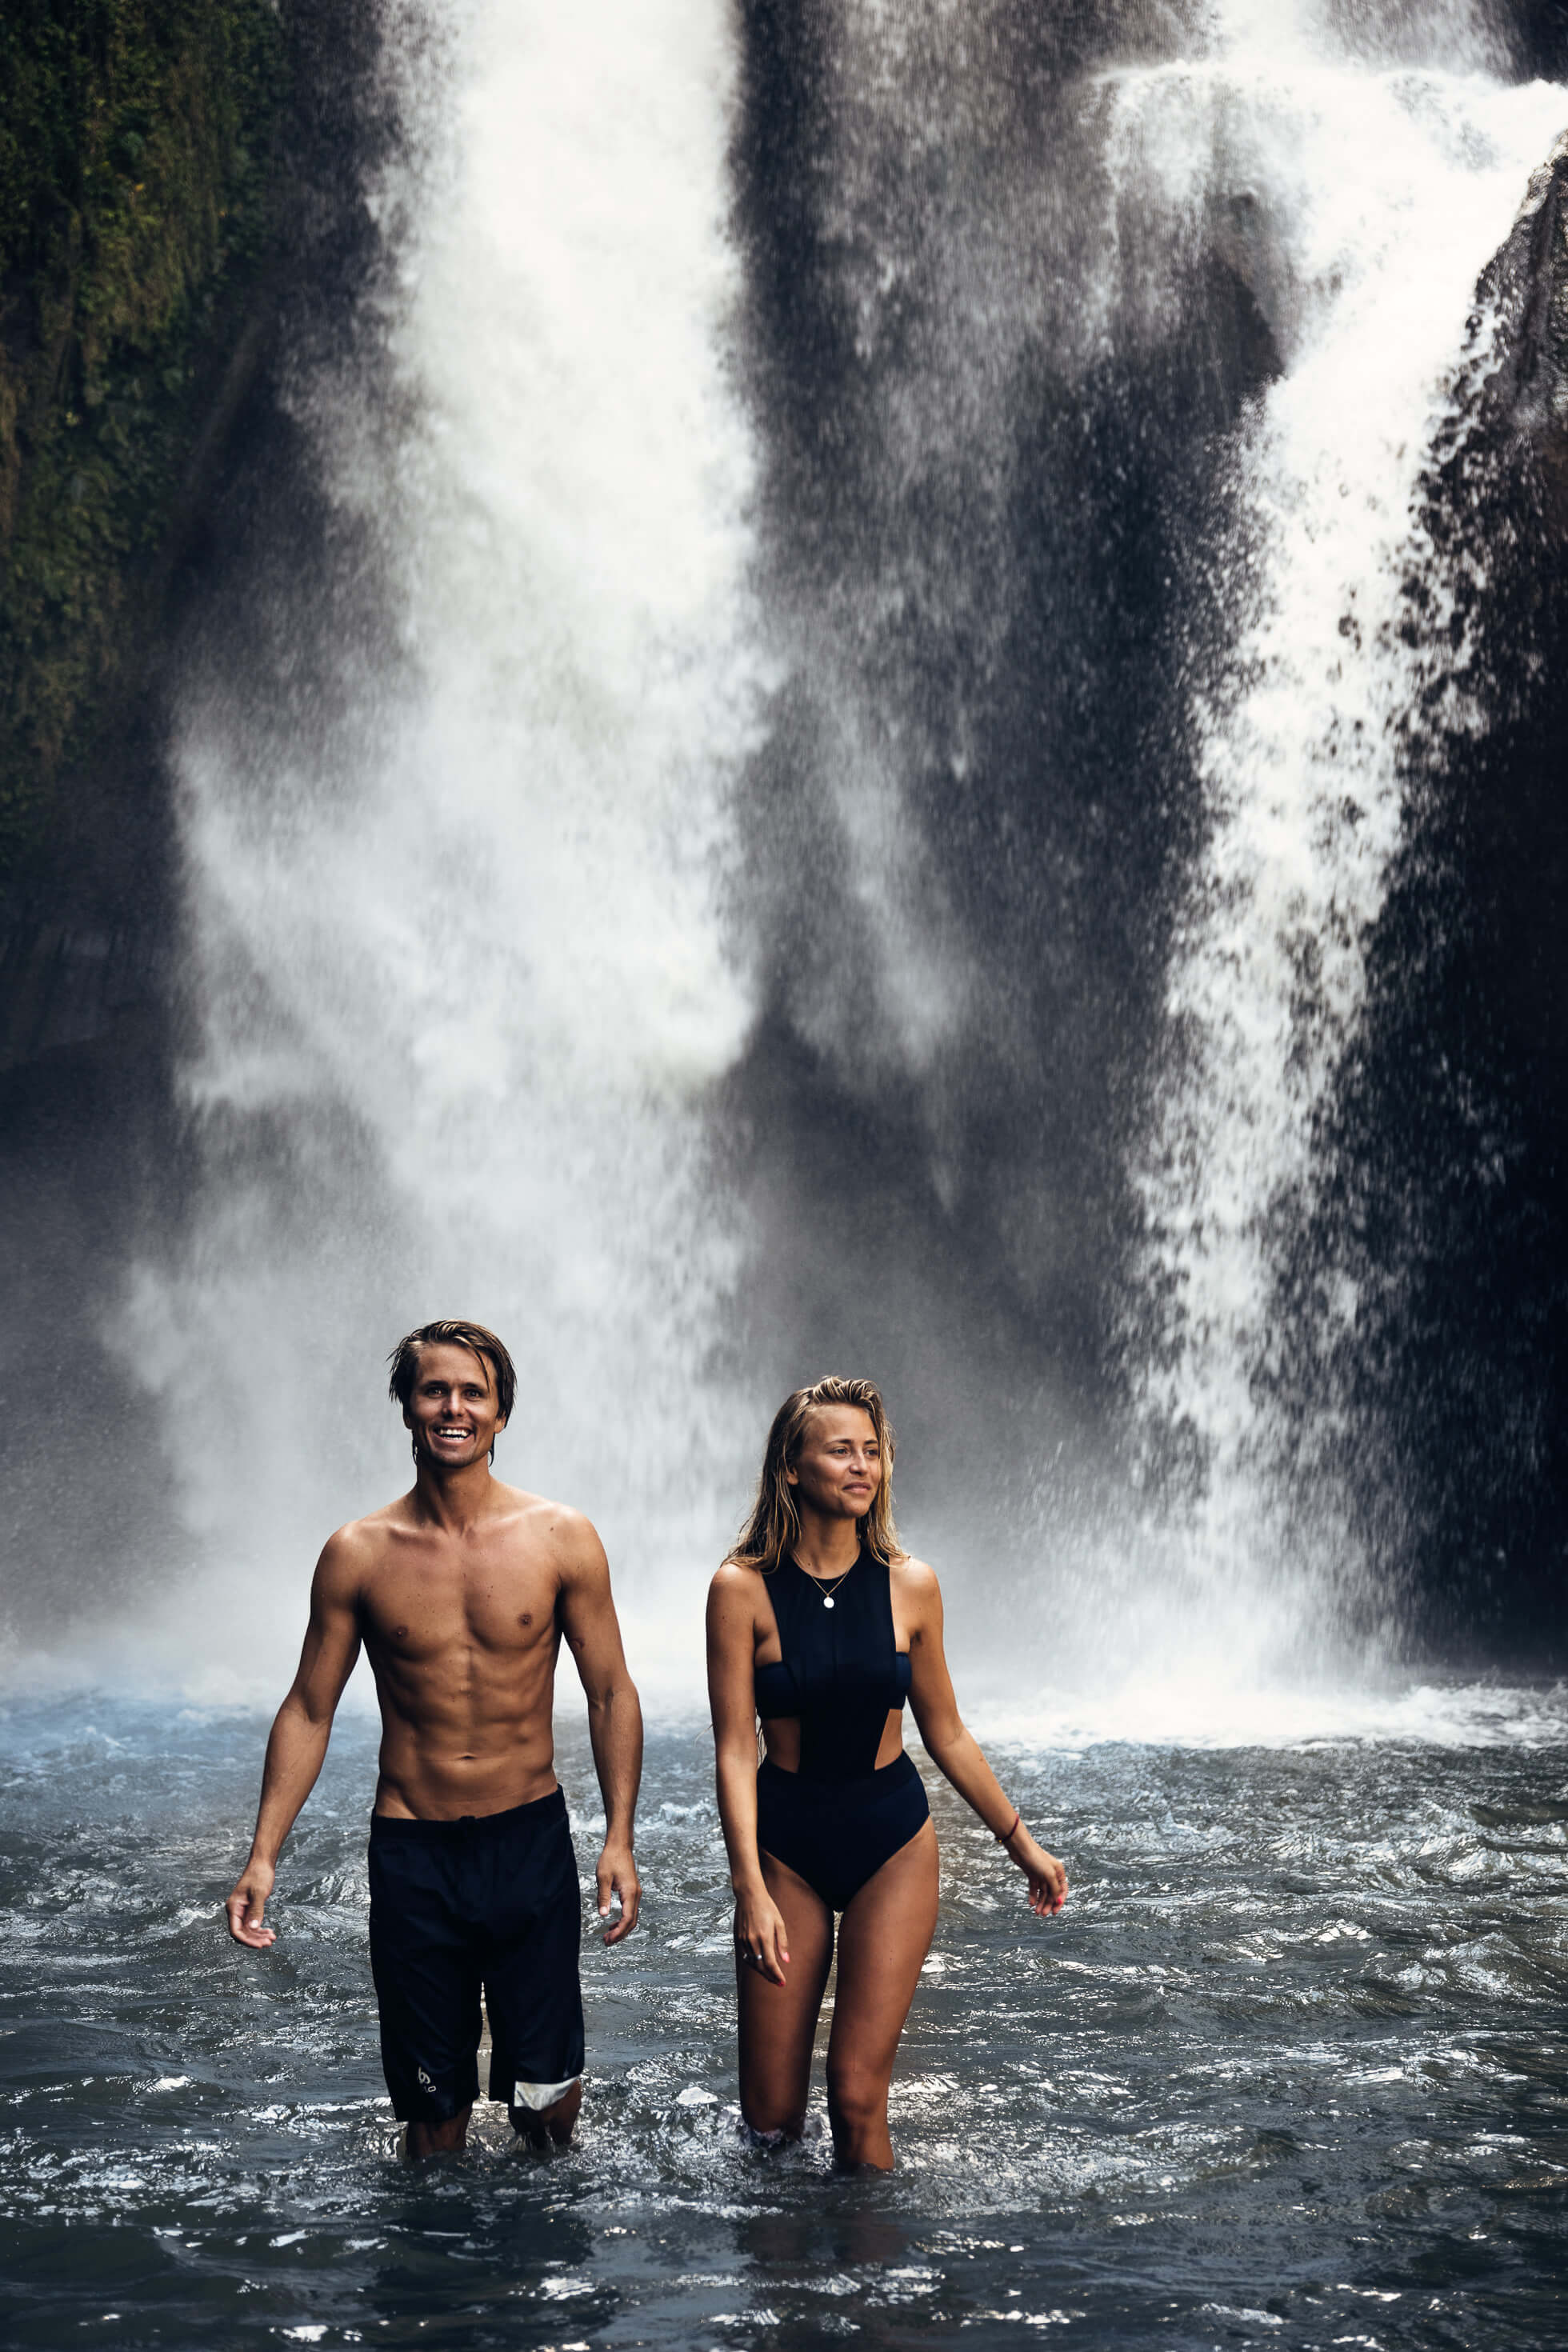 janni-deler-waterfall-bali-TegenunganJ1220697-Redigera